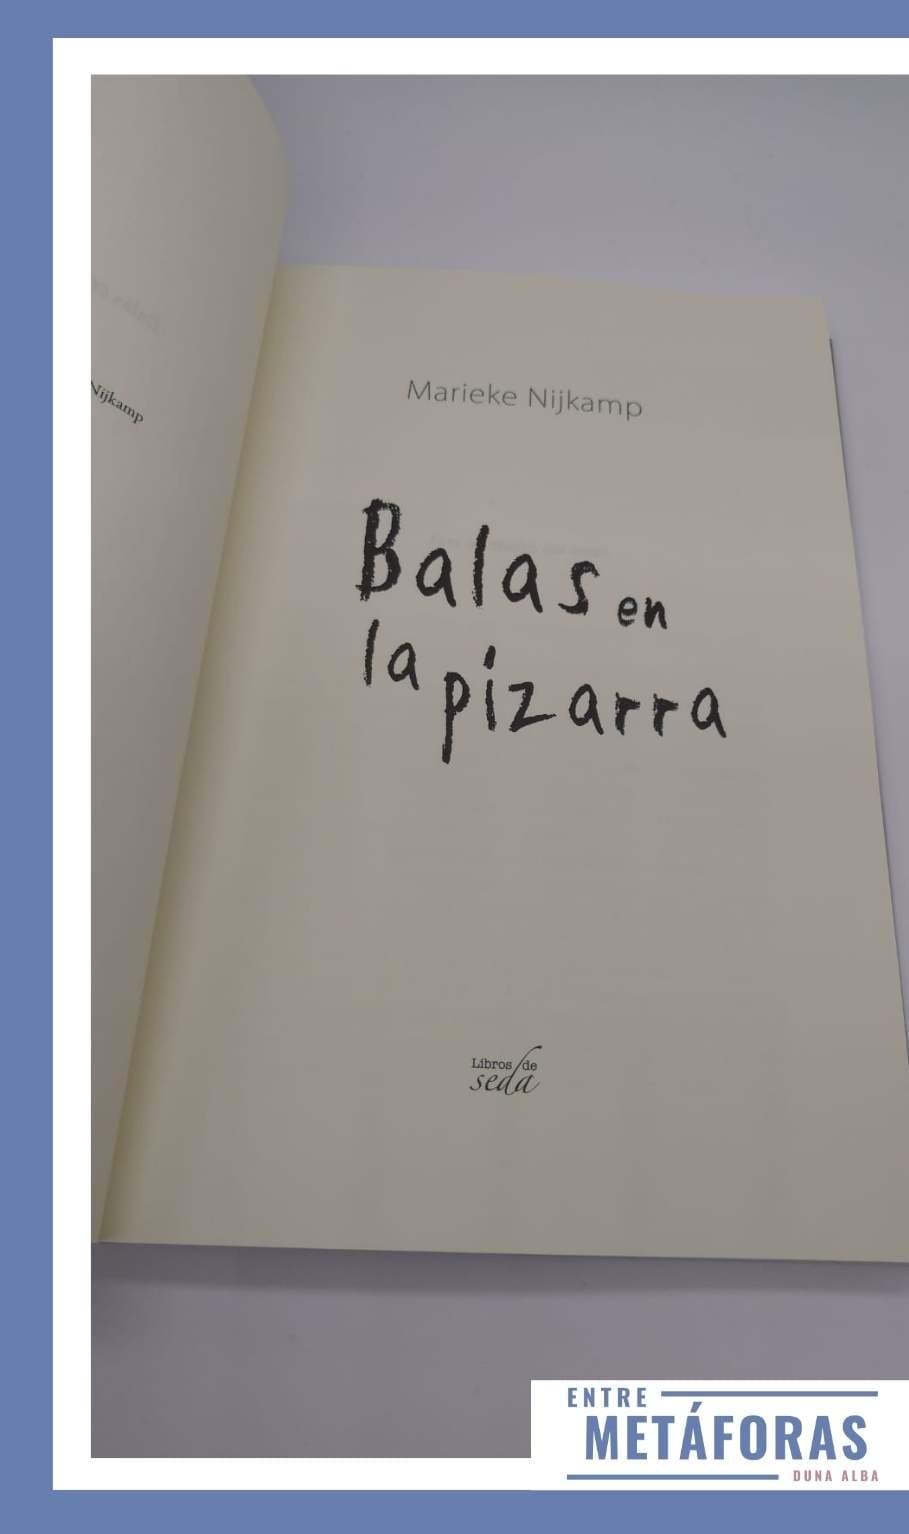 Balas en la pizarra, de Marieke Nijkamp